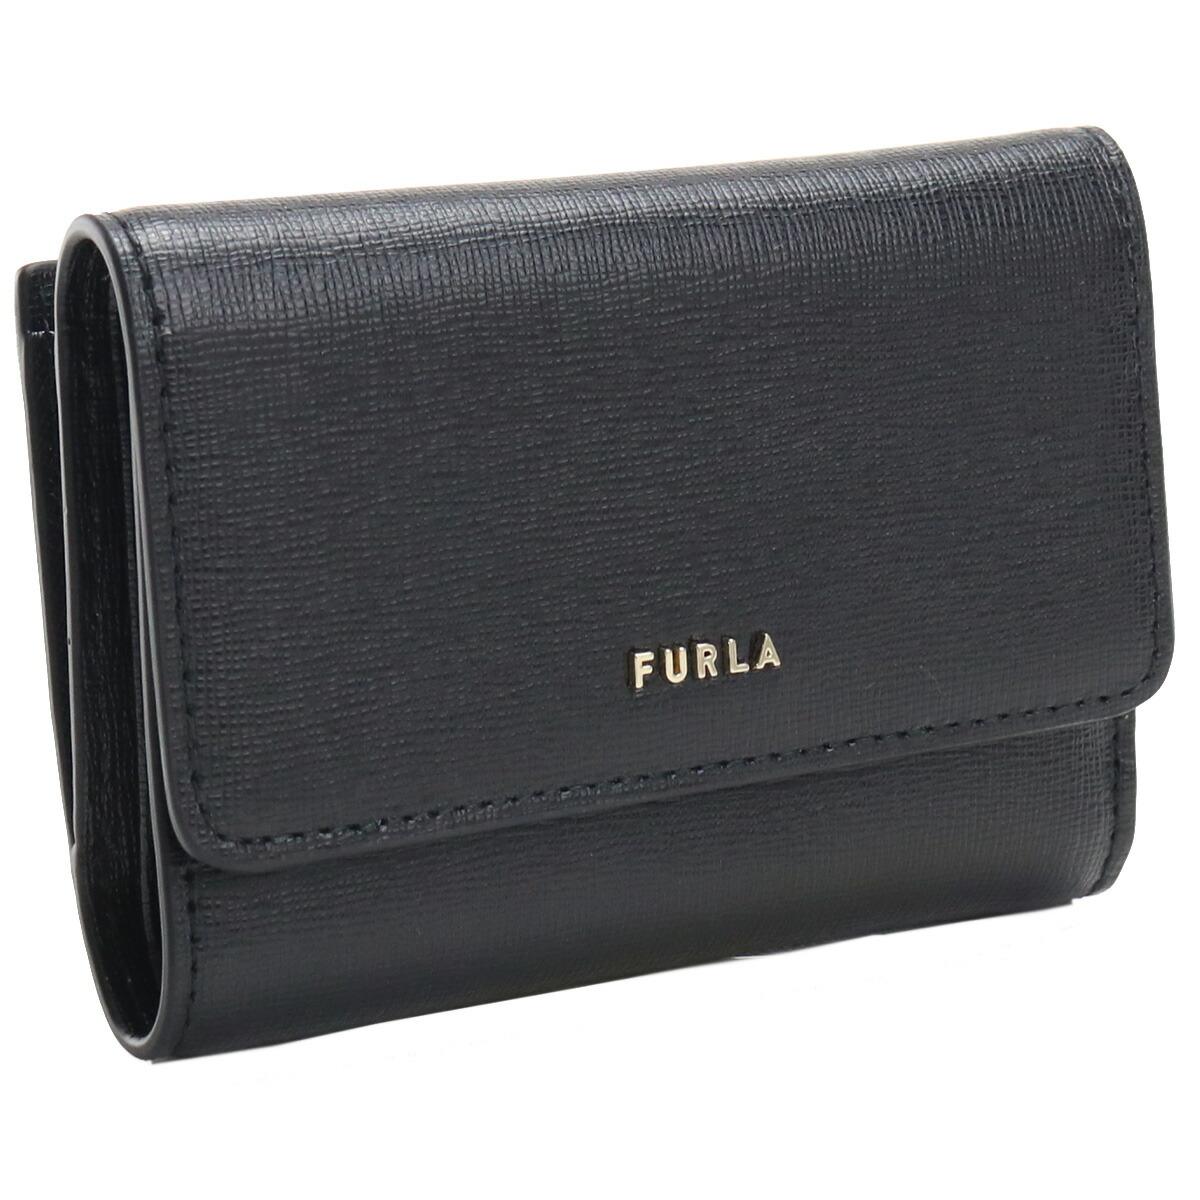 フルラ FURLA BABYLON 3つ折り財布 ブランド財布 コンパクト財布 ミニ財布 PCZ0UNO B30000 O6000 NERO ブラック gsw-2 wallet-01